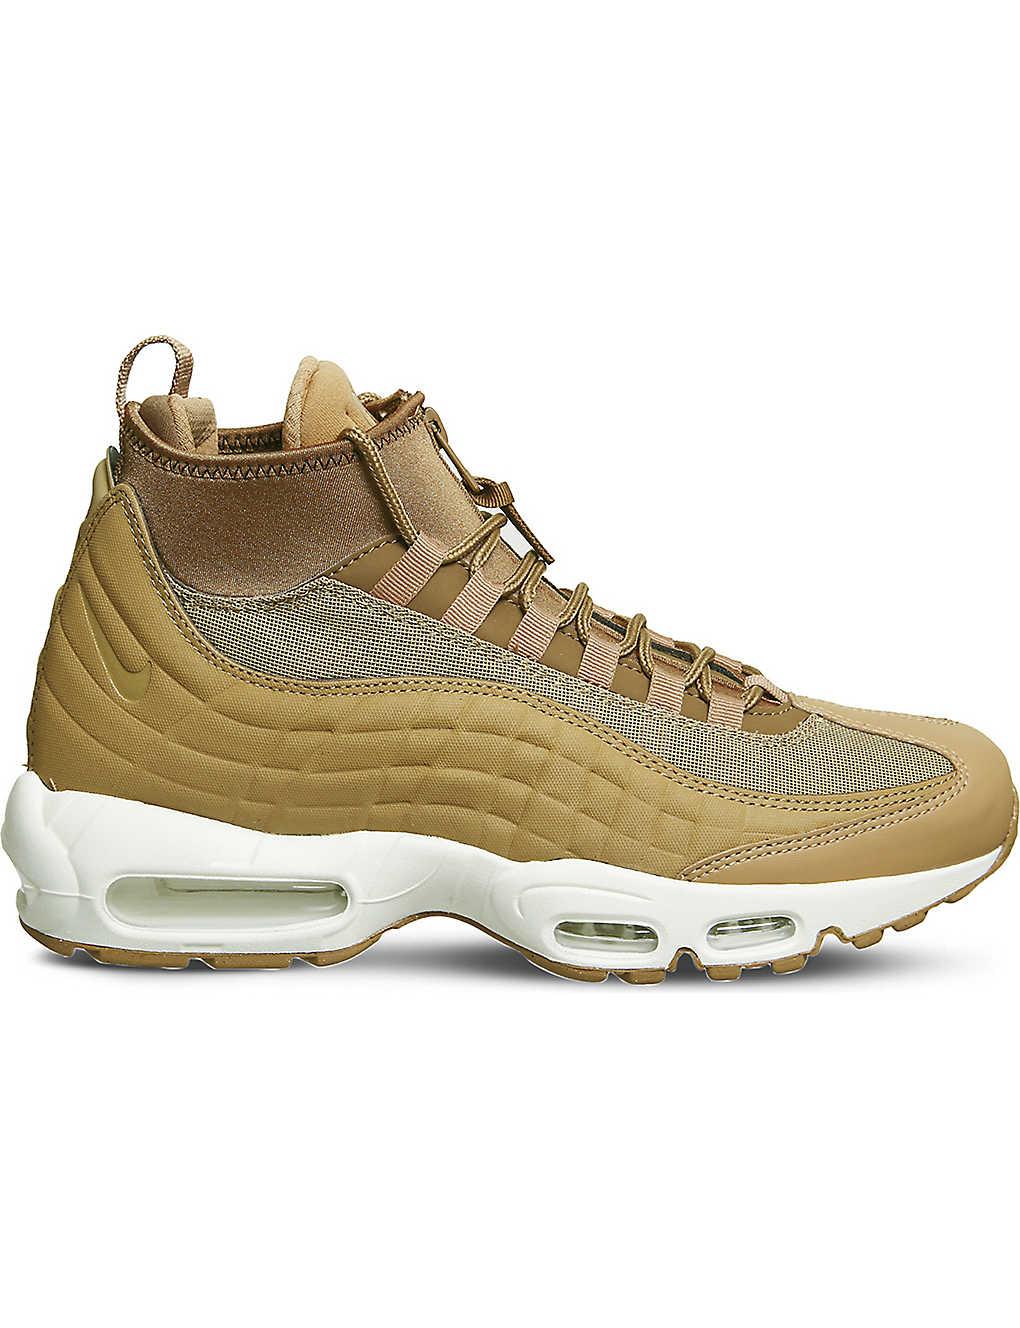 nike air max 95 sneakerboots flax nz